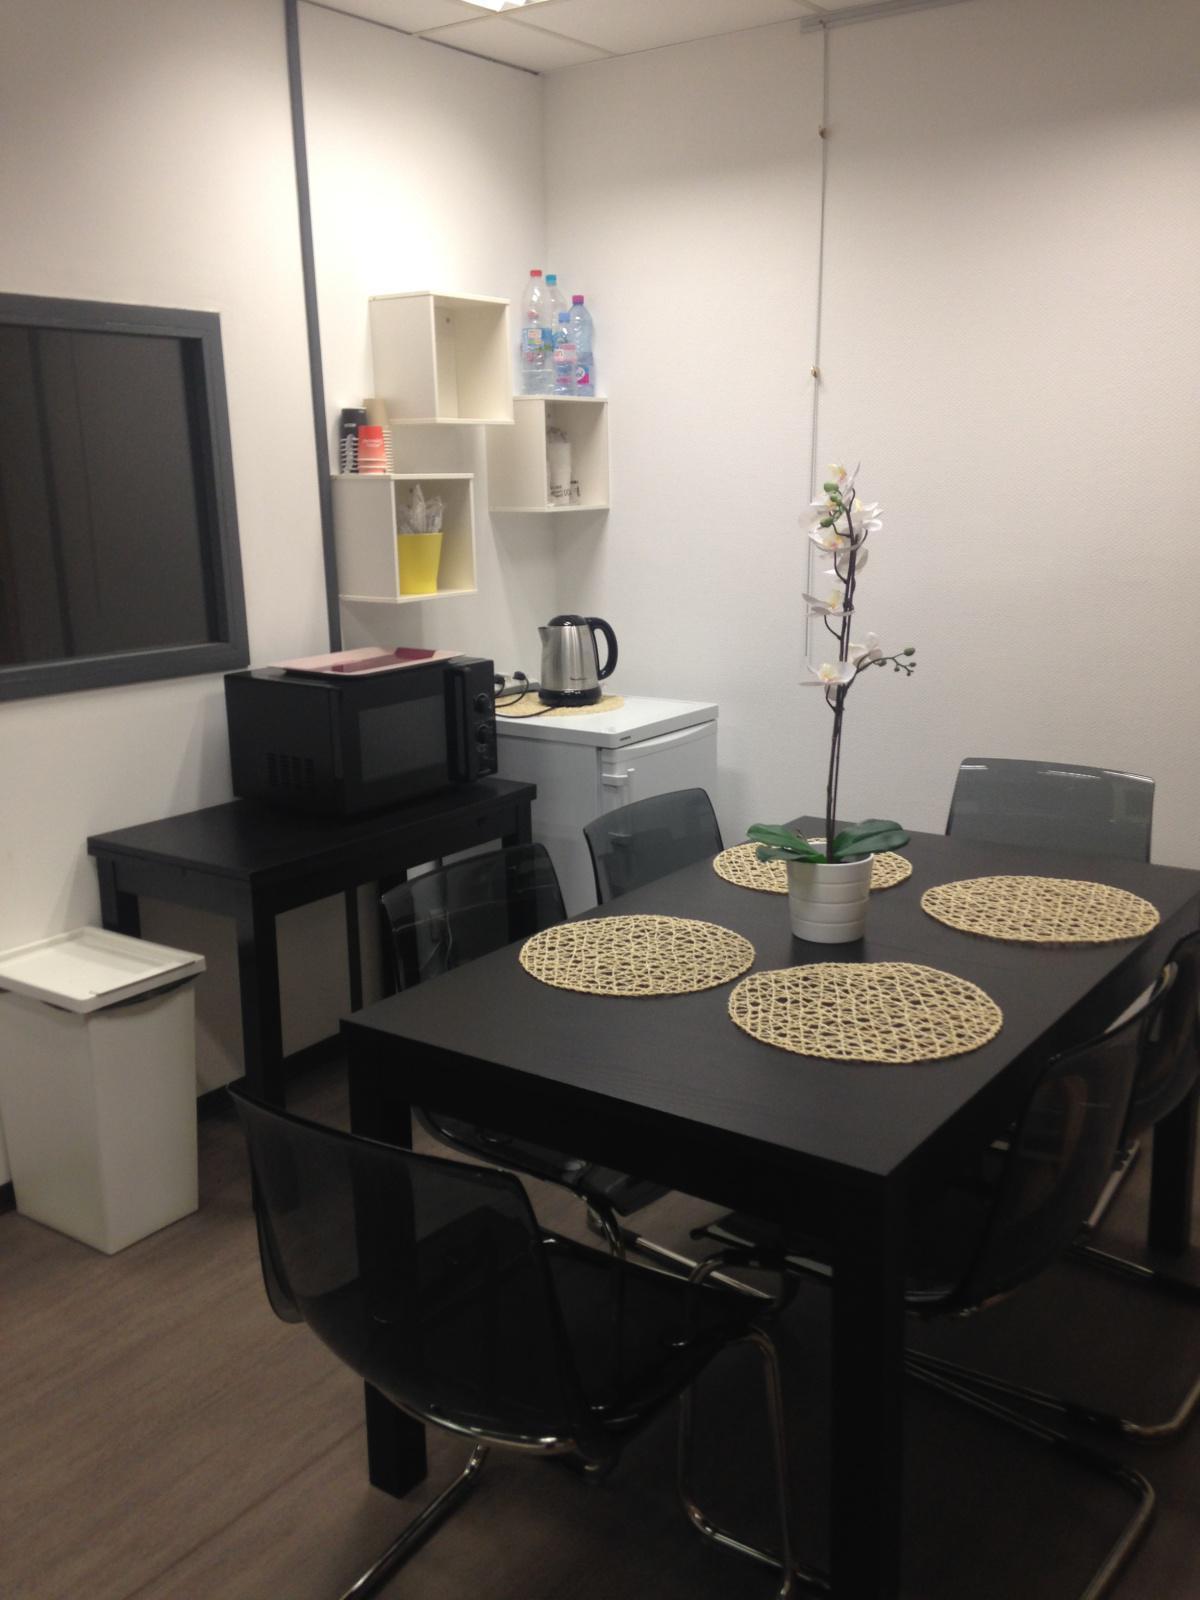 AEROPORT DE MARSEILLE : une salle de d'attente pour les malades